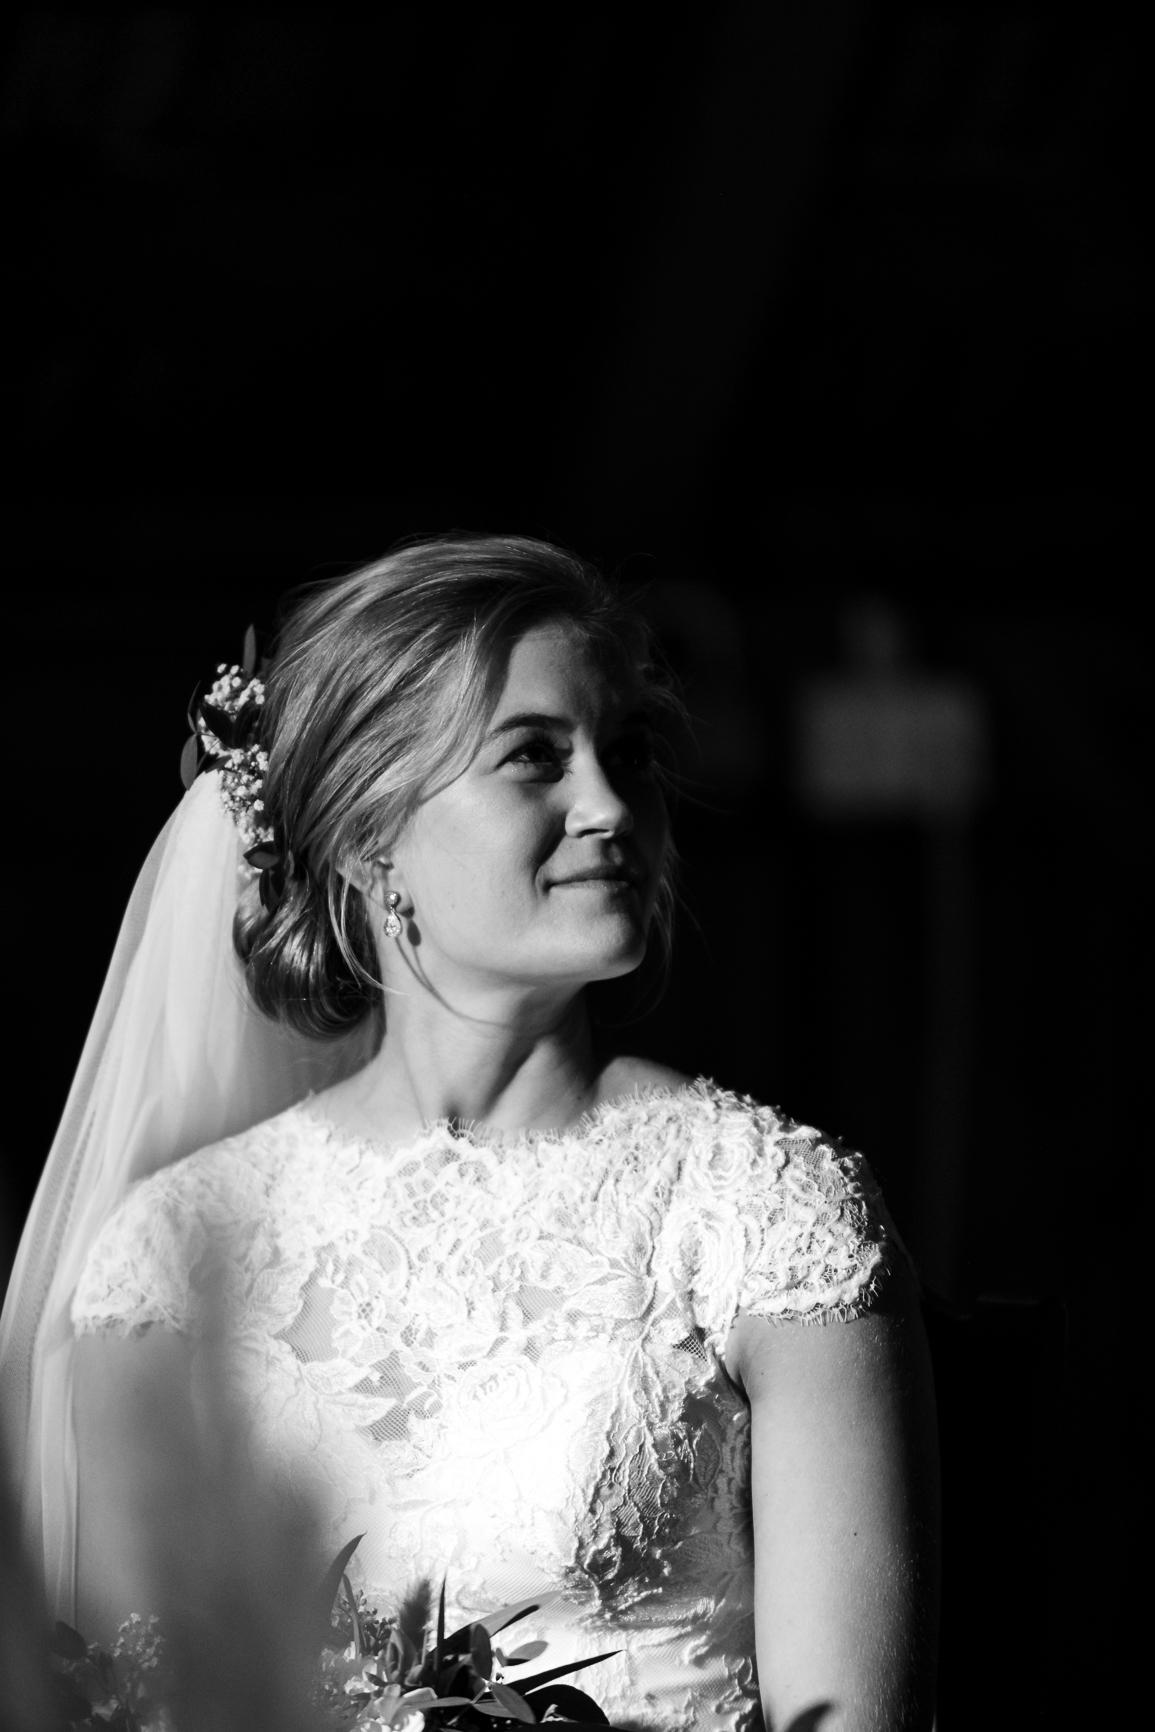 Bryllup- Brud med følelser